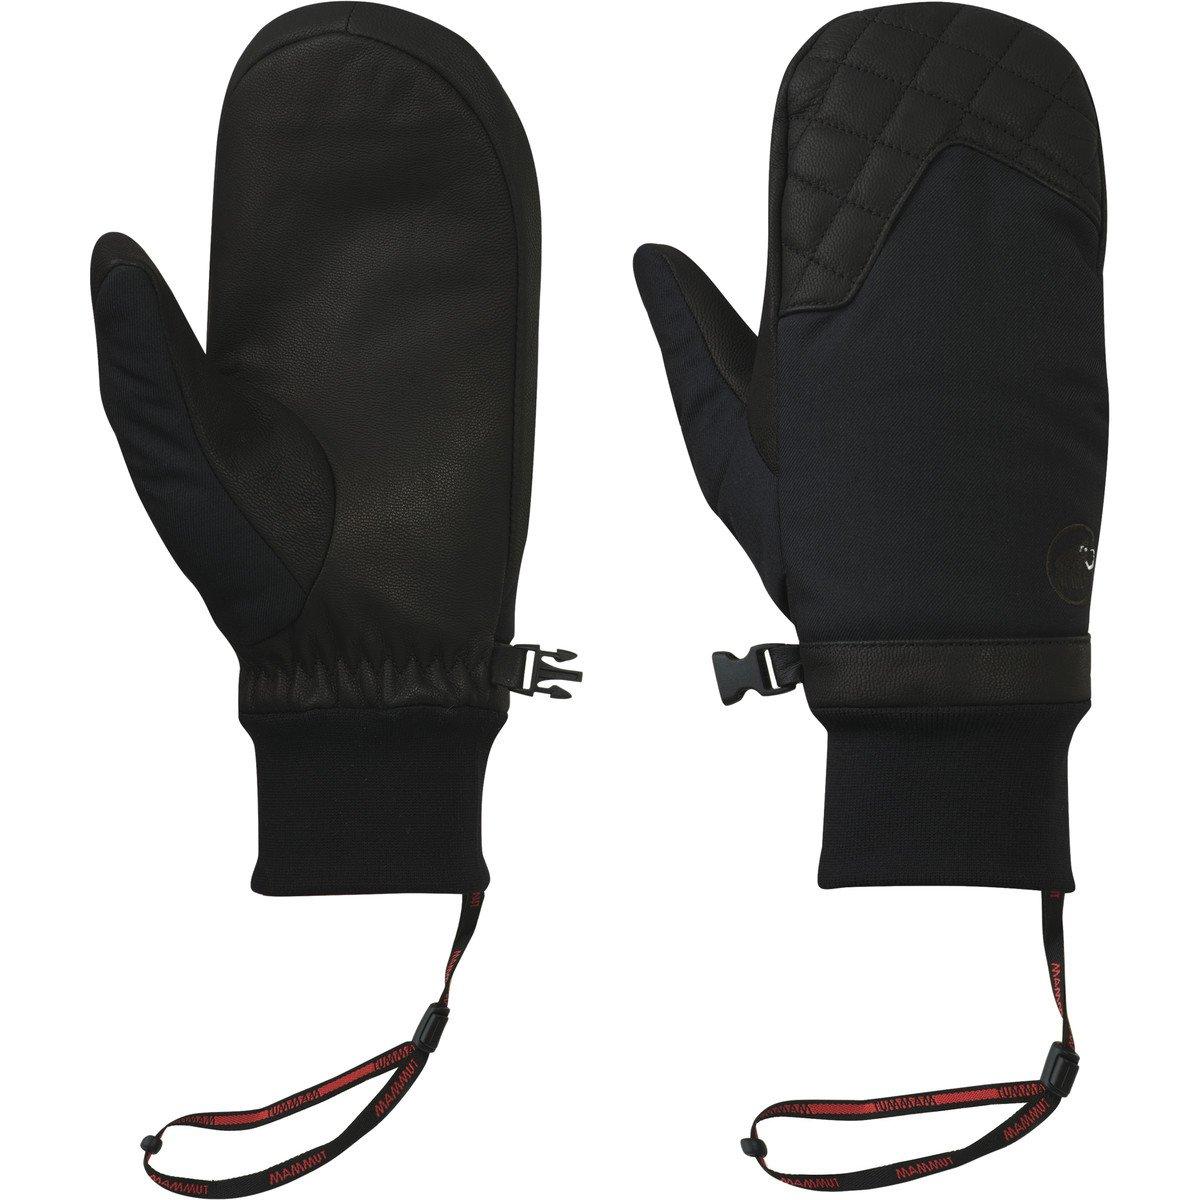 Mammut Niva Mitten Glove Women - Fausthandschuhe